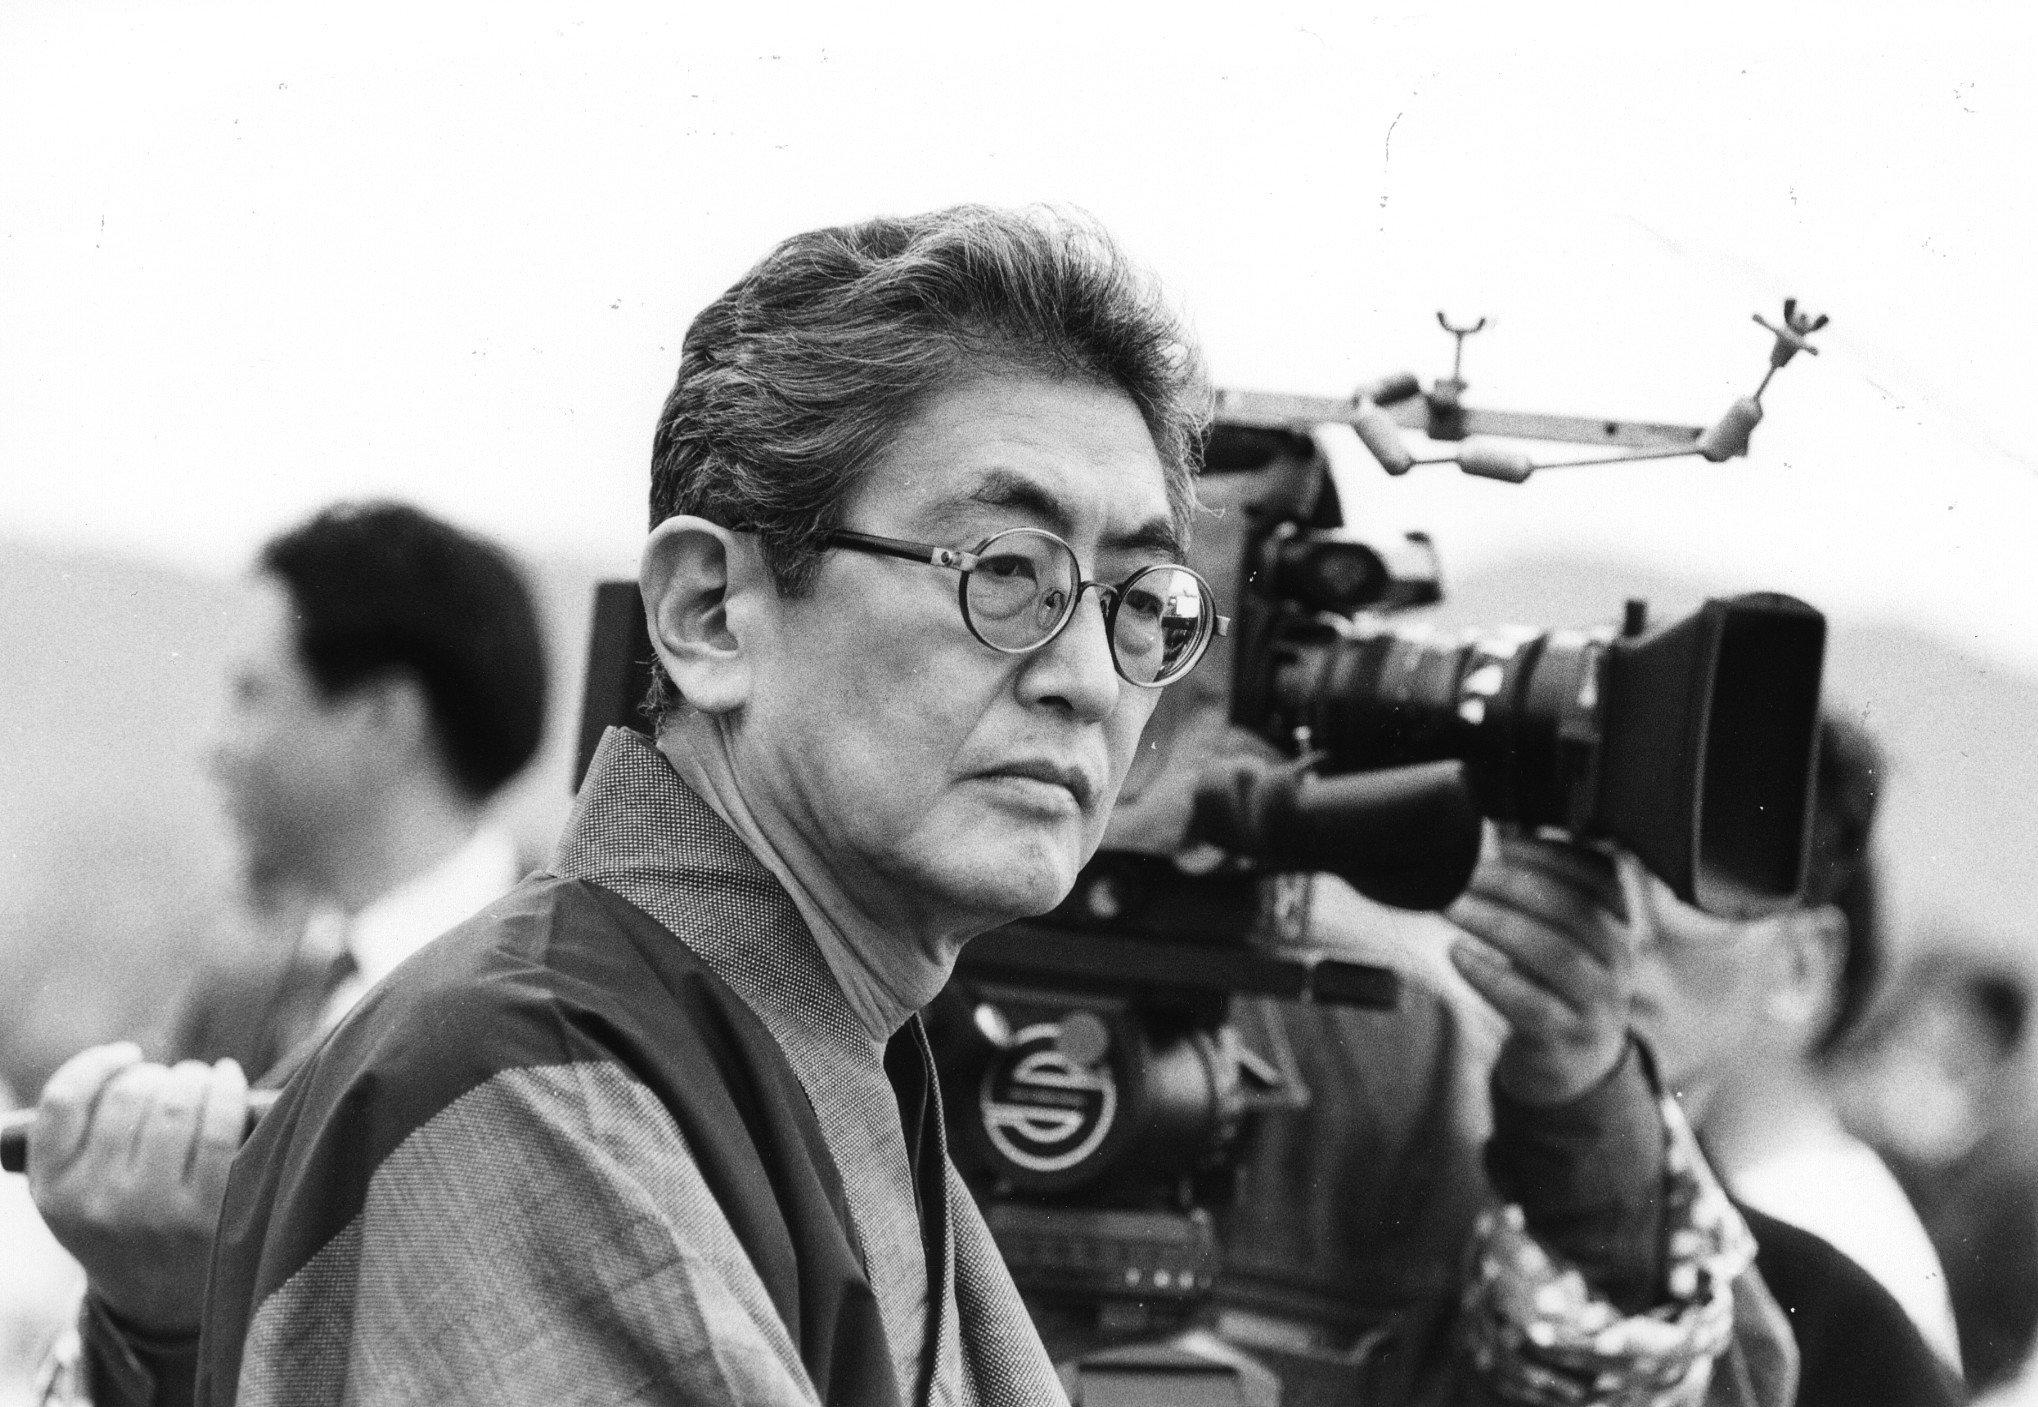 Aux héros oubliés... Nagisa Oshima